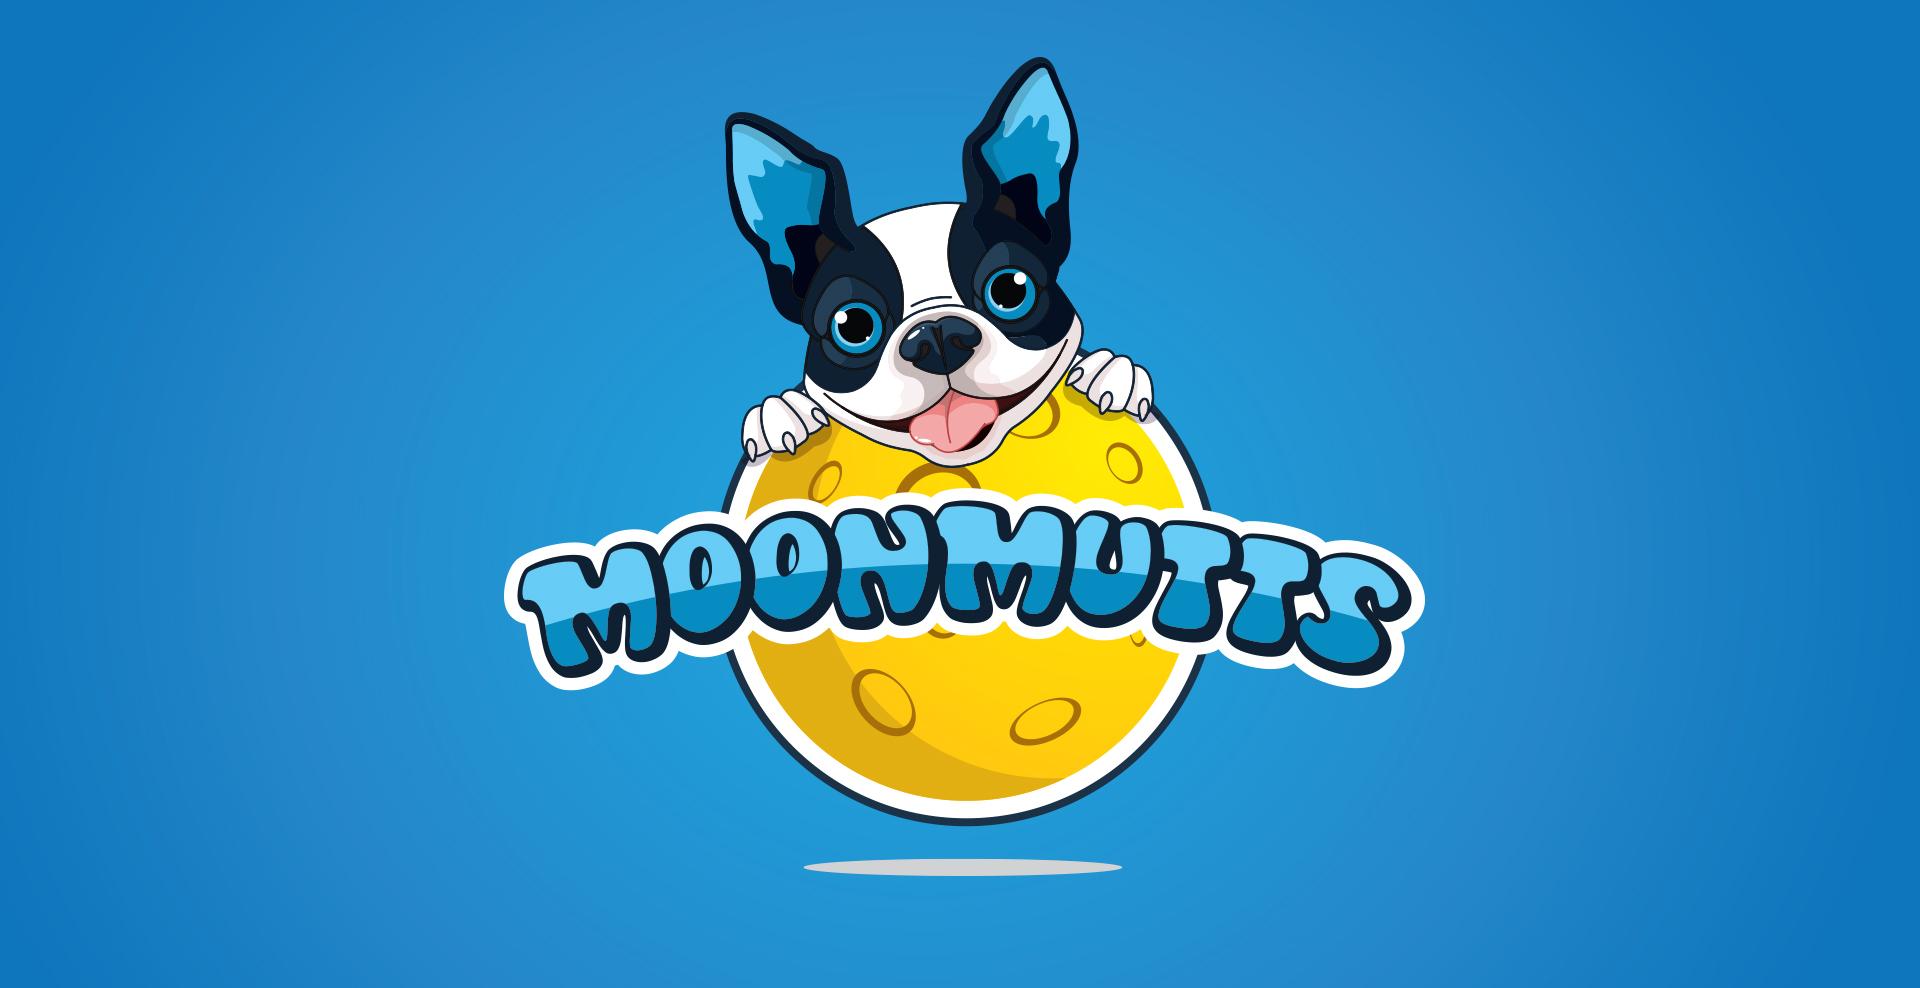 MoonMutts Coming Soon